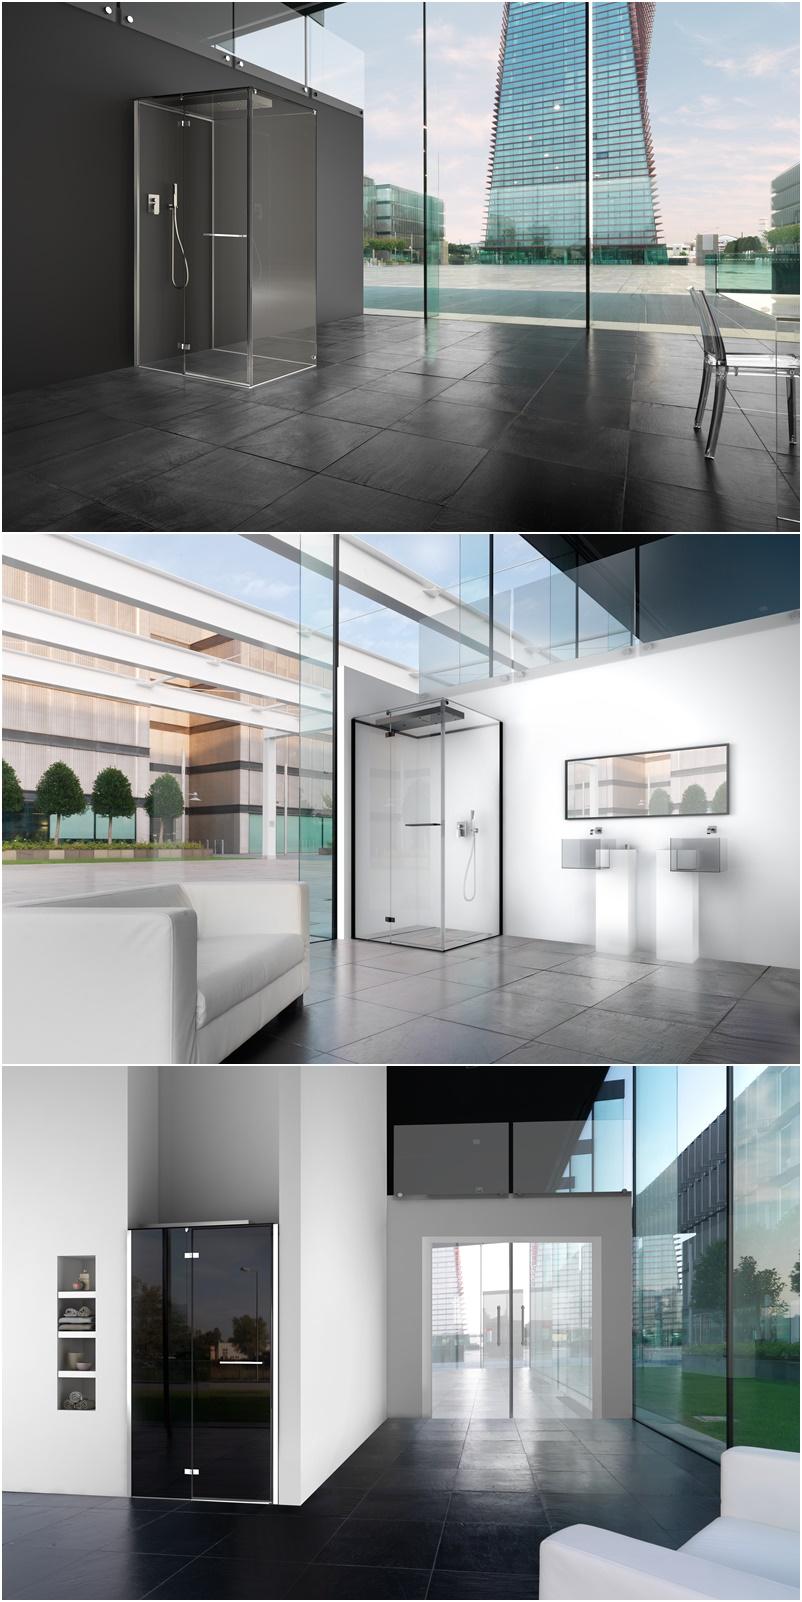 Cabina doccia Invisible by Megius | Versione Nude con solo soffione integrato nel tetto - anticipazioni Salone del Bagno 2018